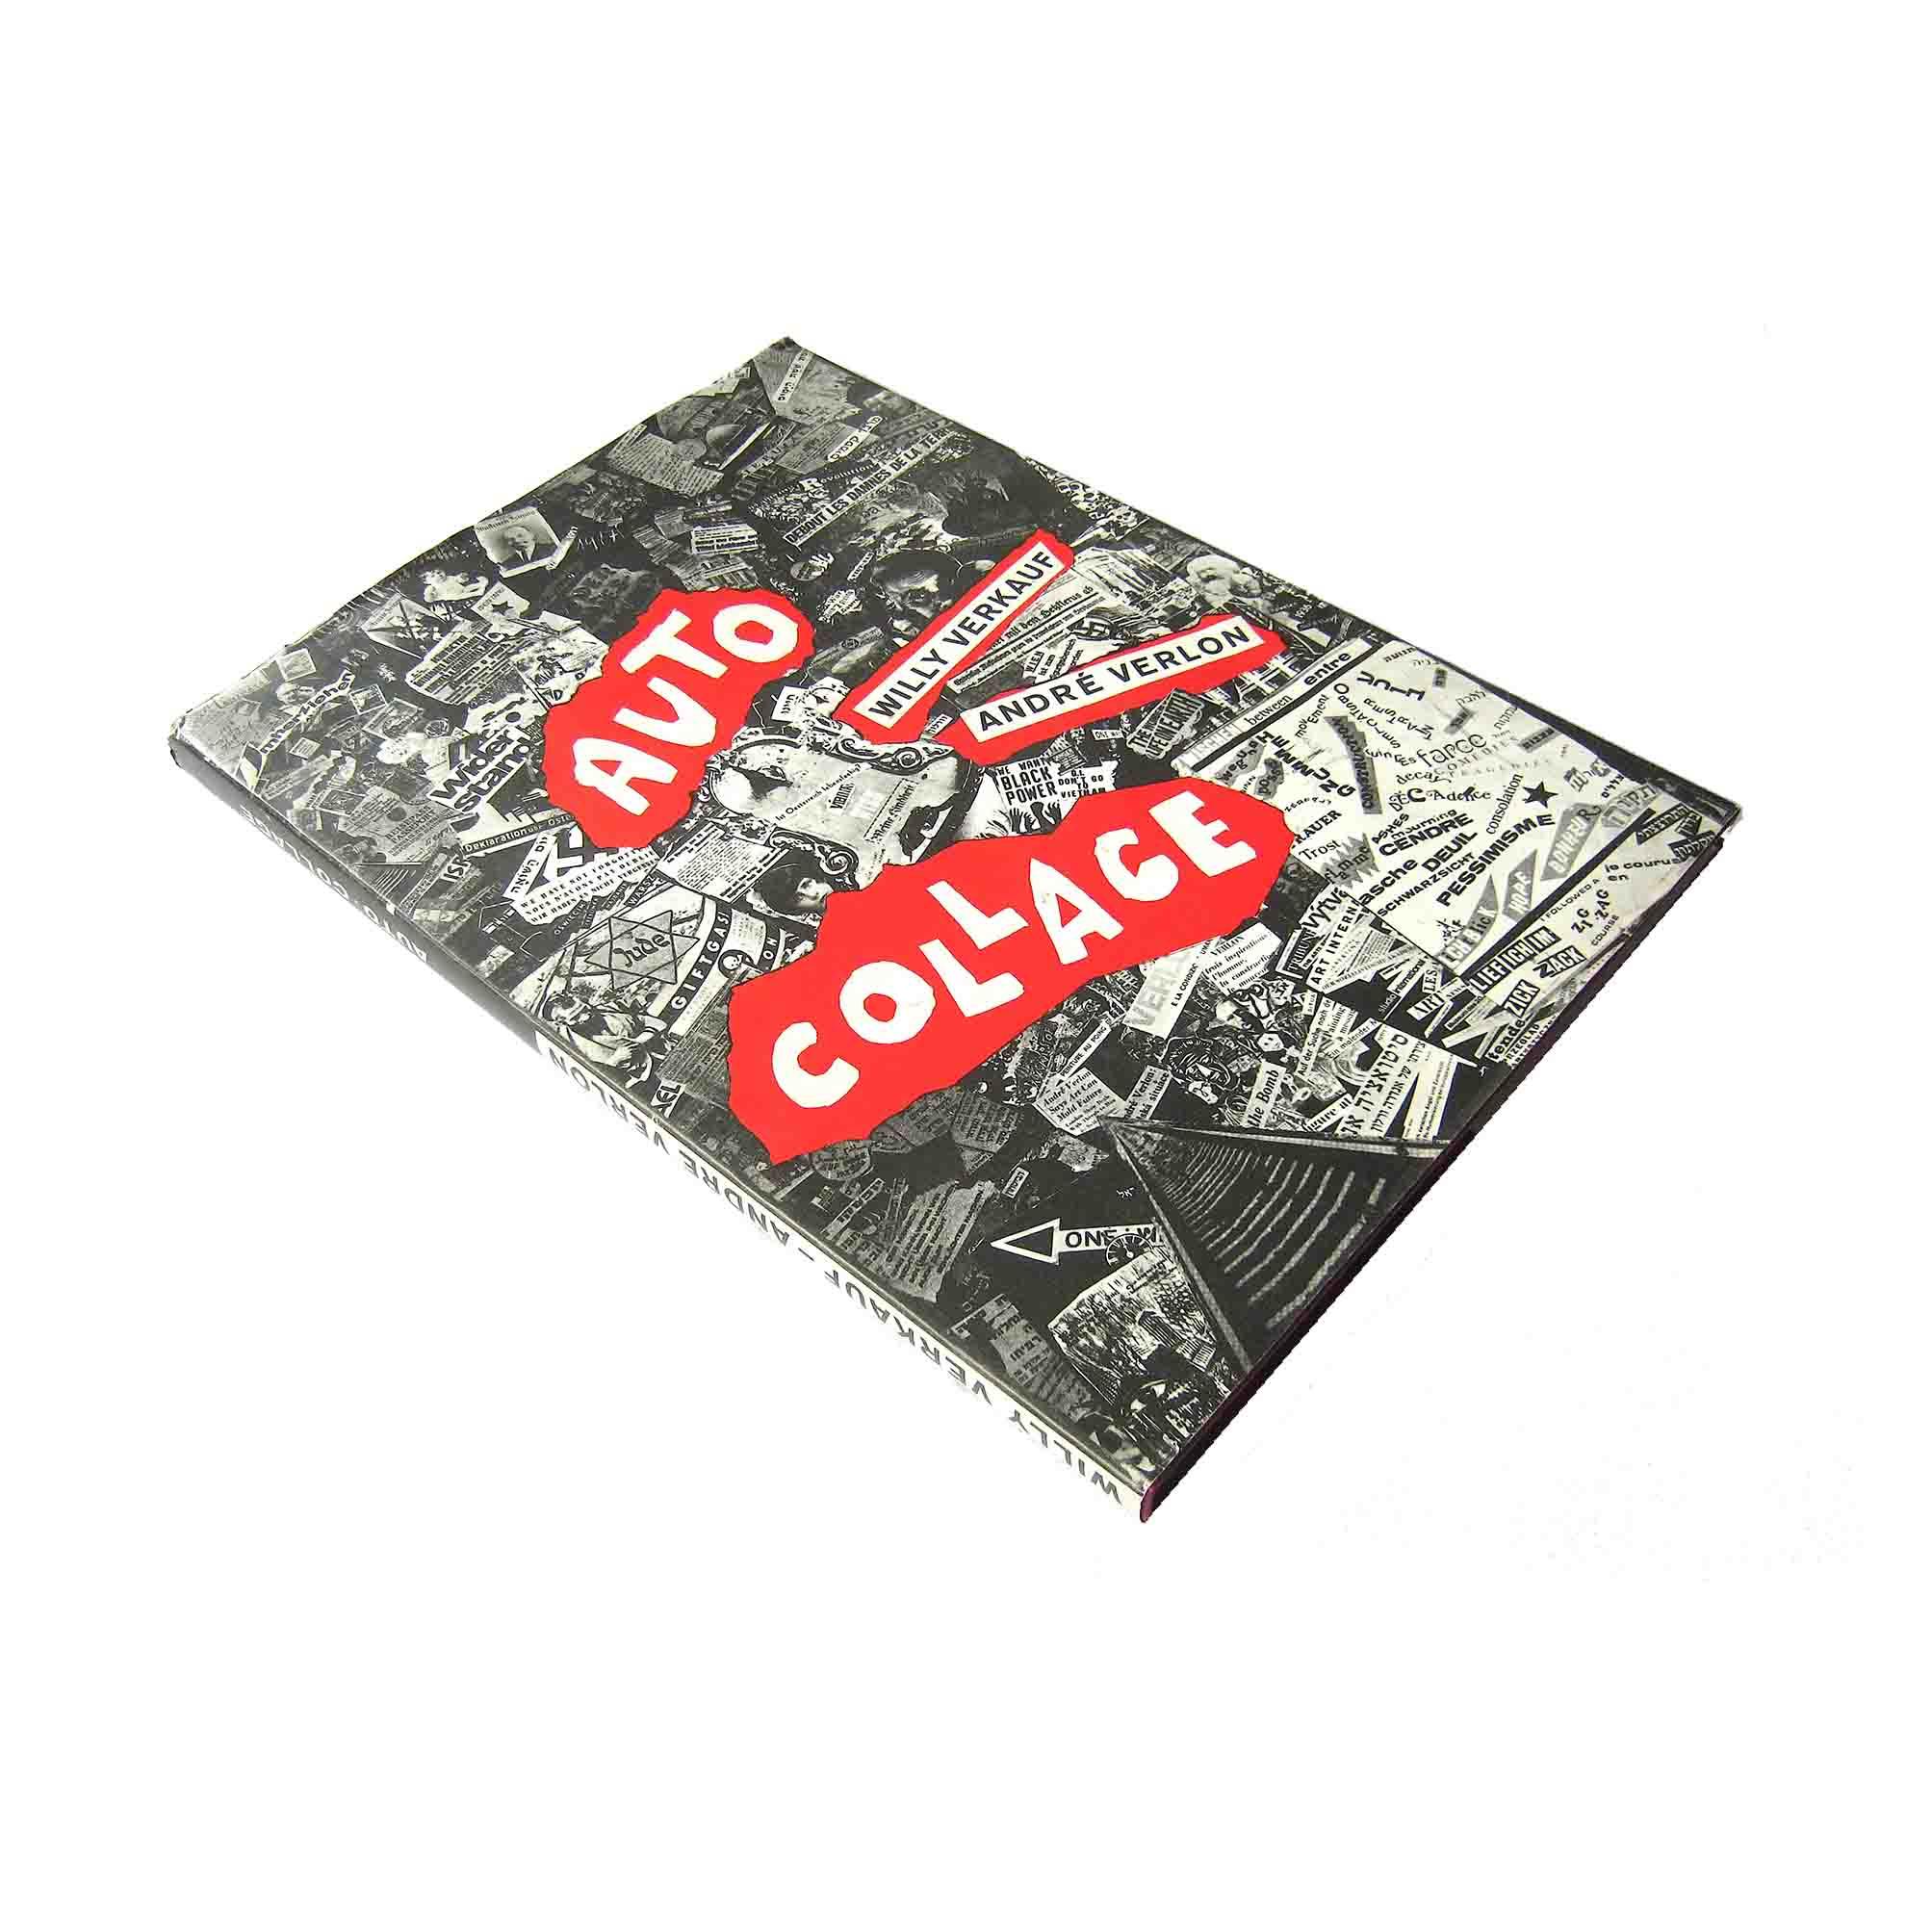 5609-Verkauf-Verlon-Auto-Collage-1975-Collage-Umschlag-frei-N.jpg